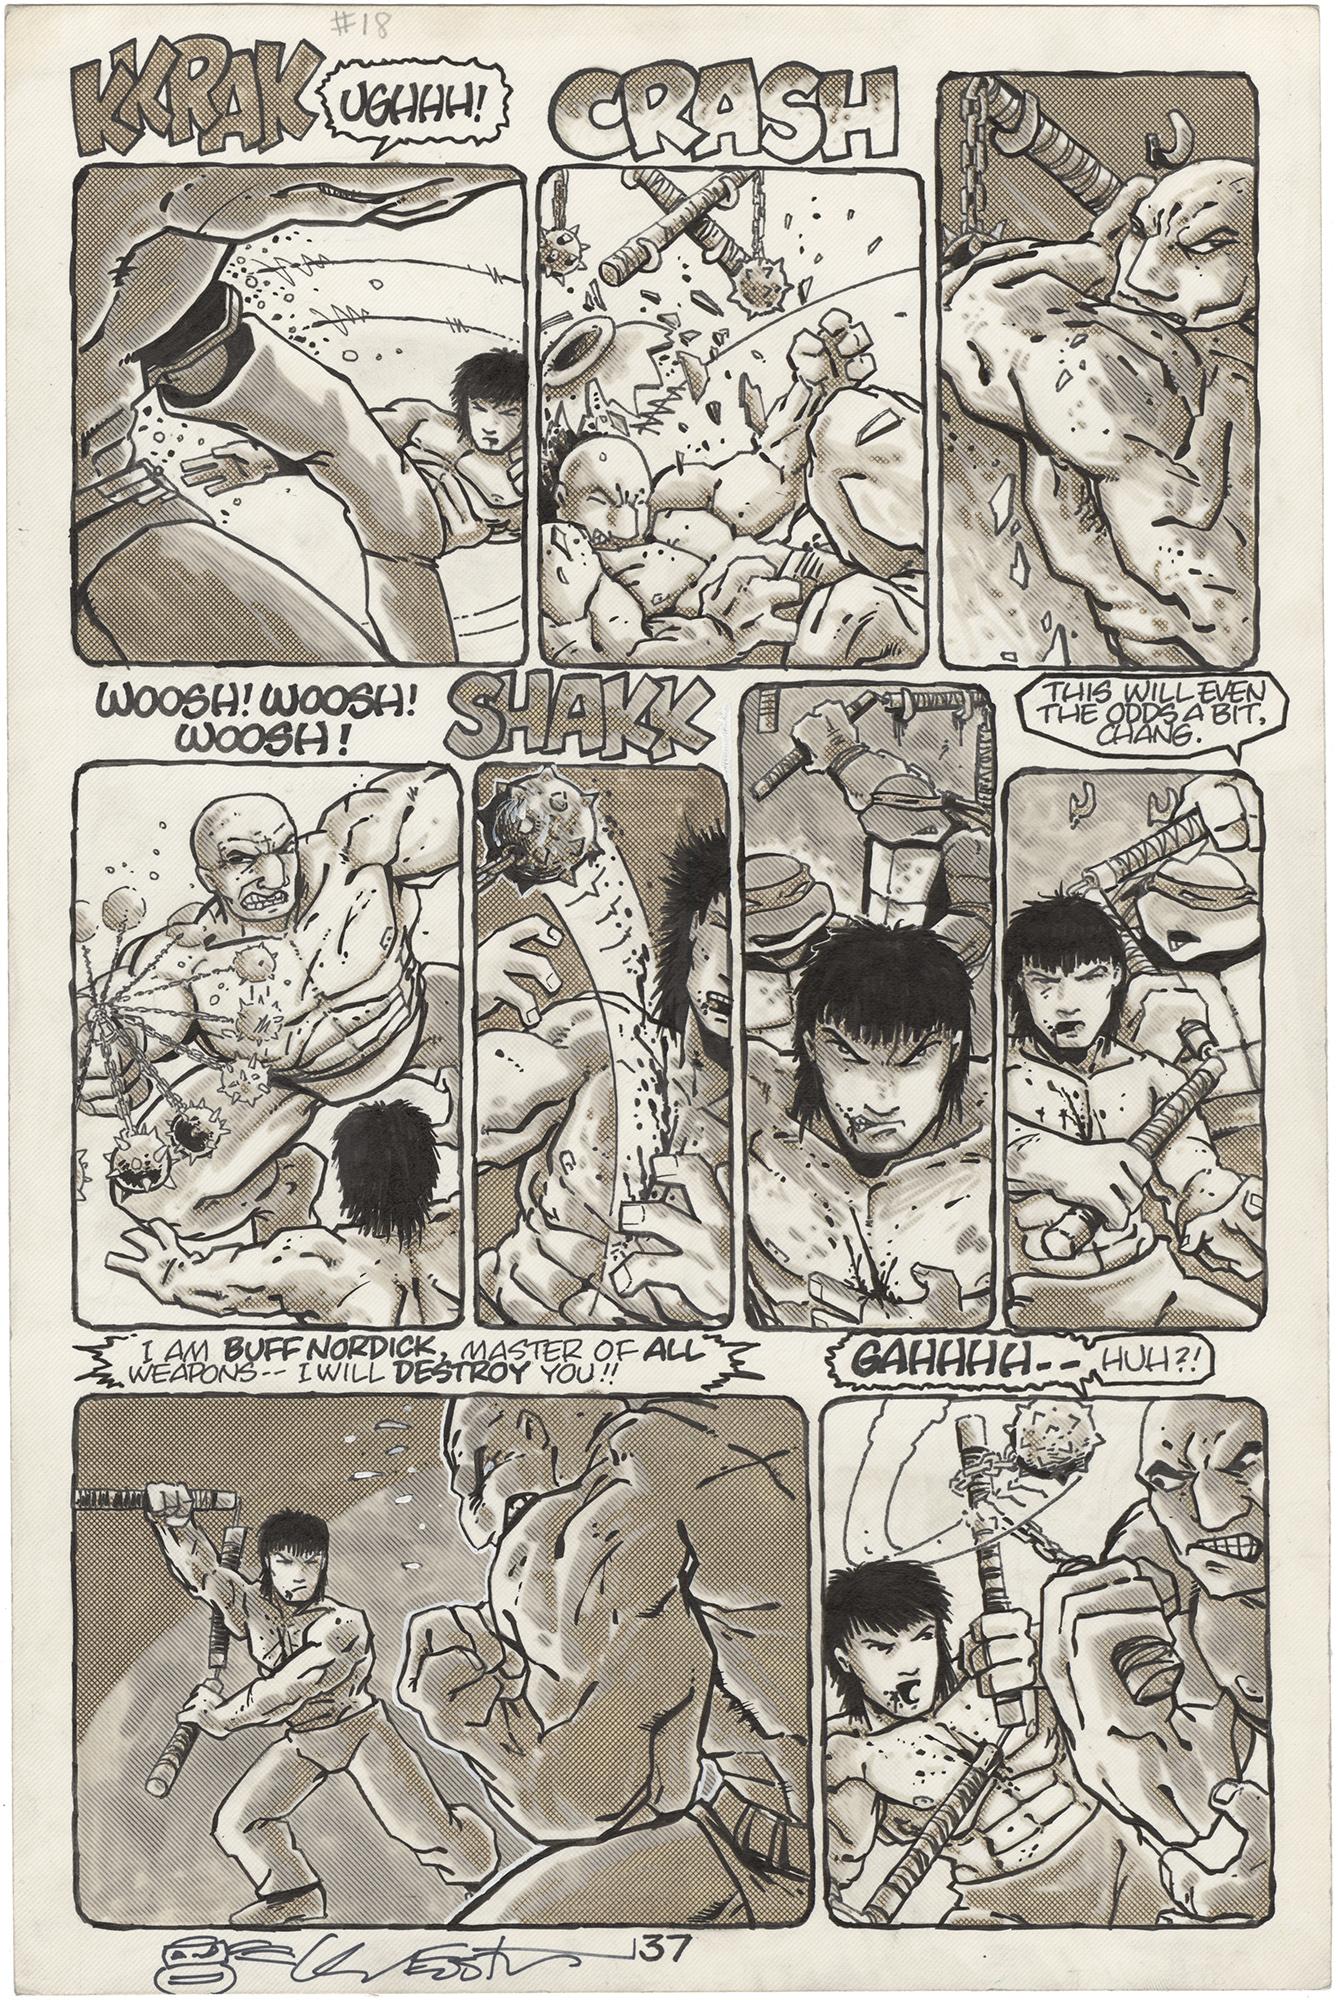 Teenage Mutant Ninja Turtles #18 p37